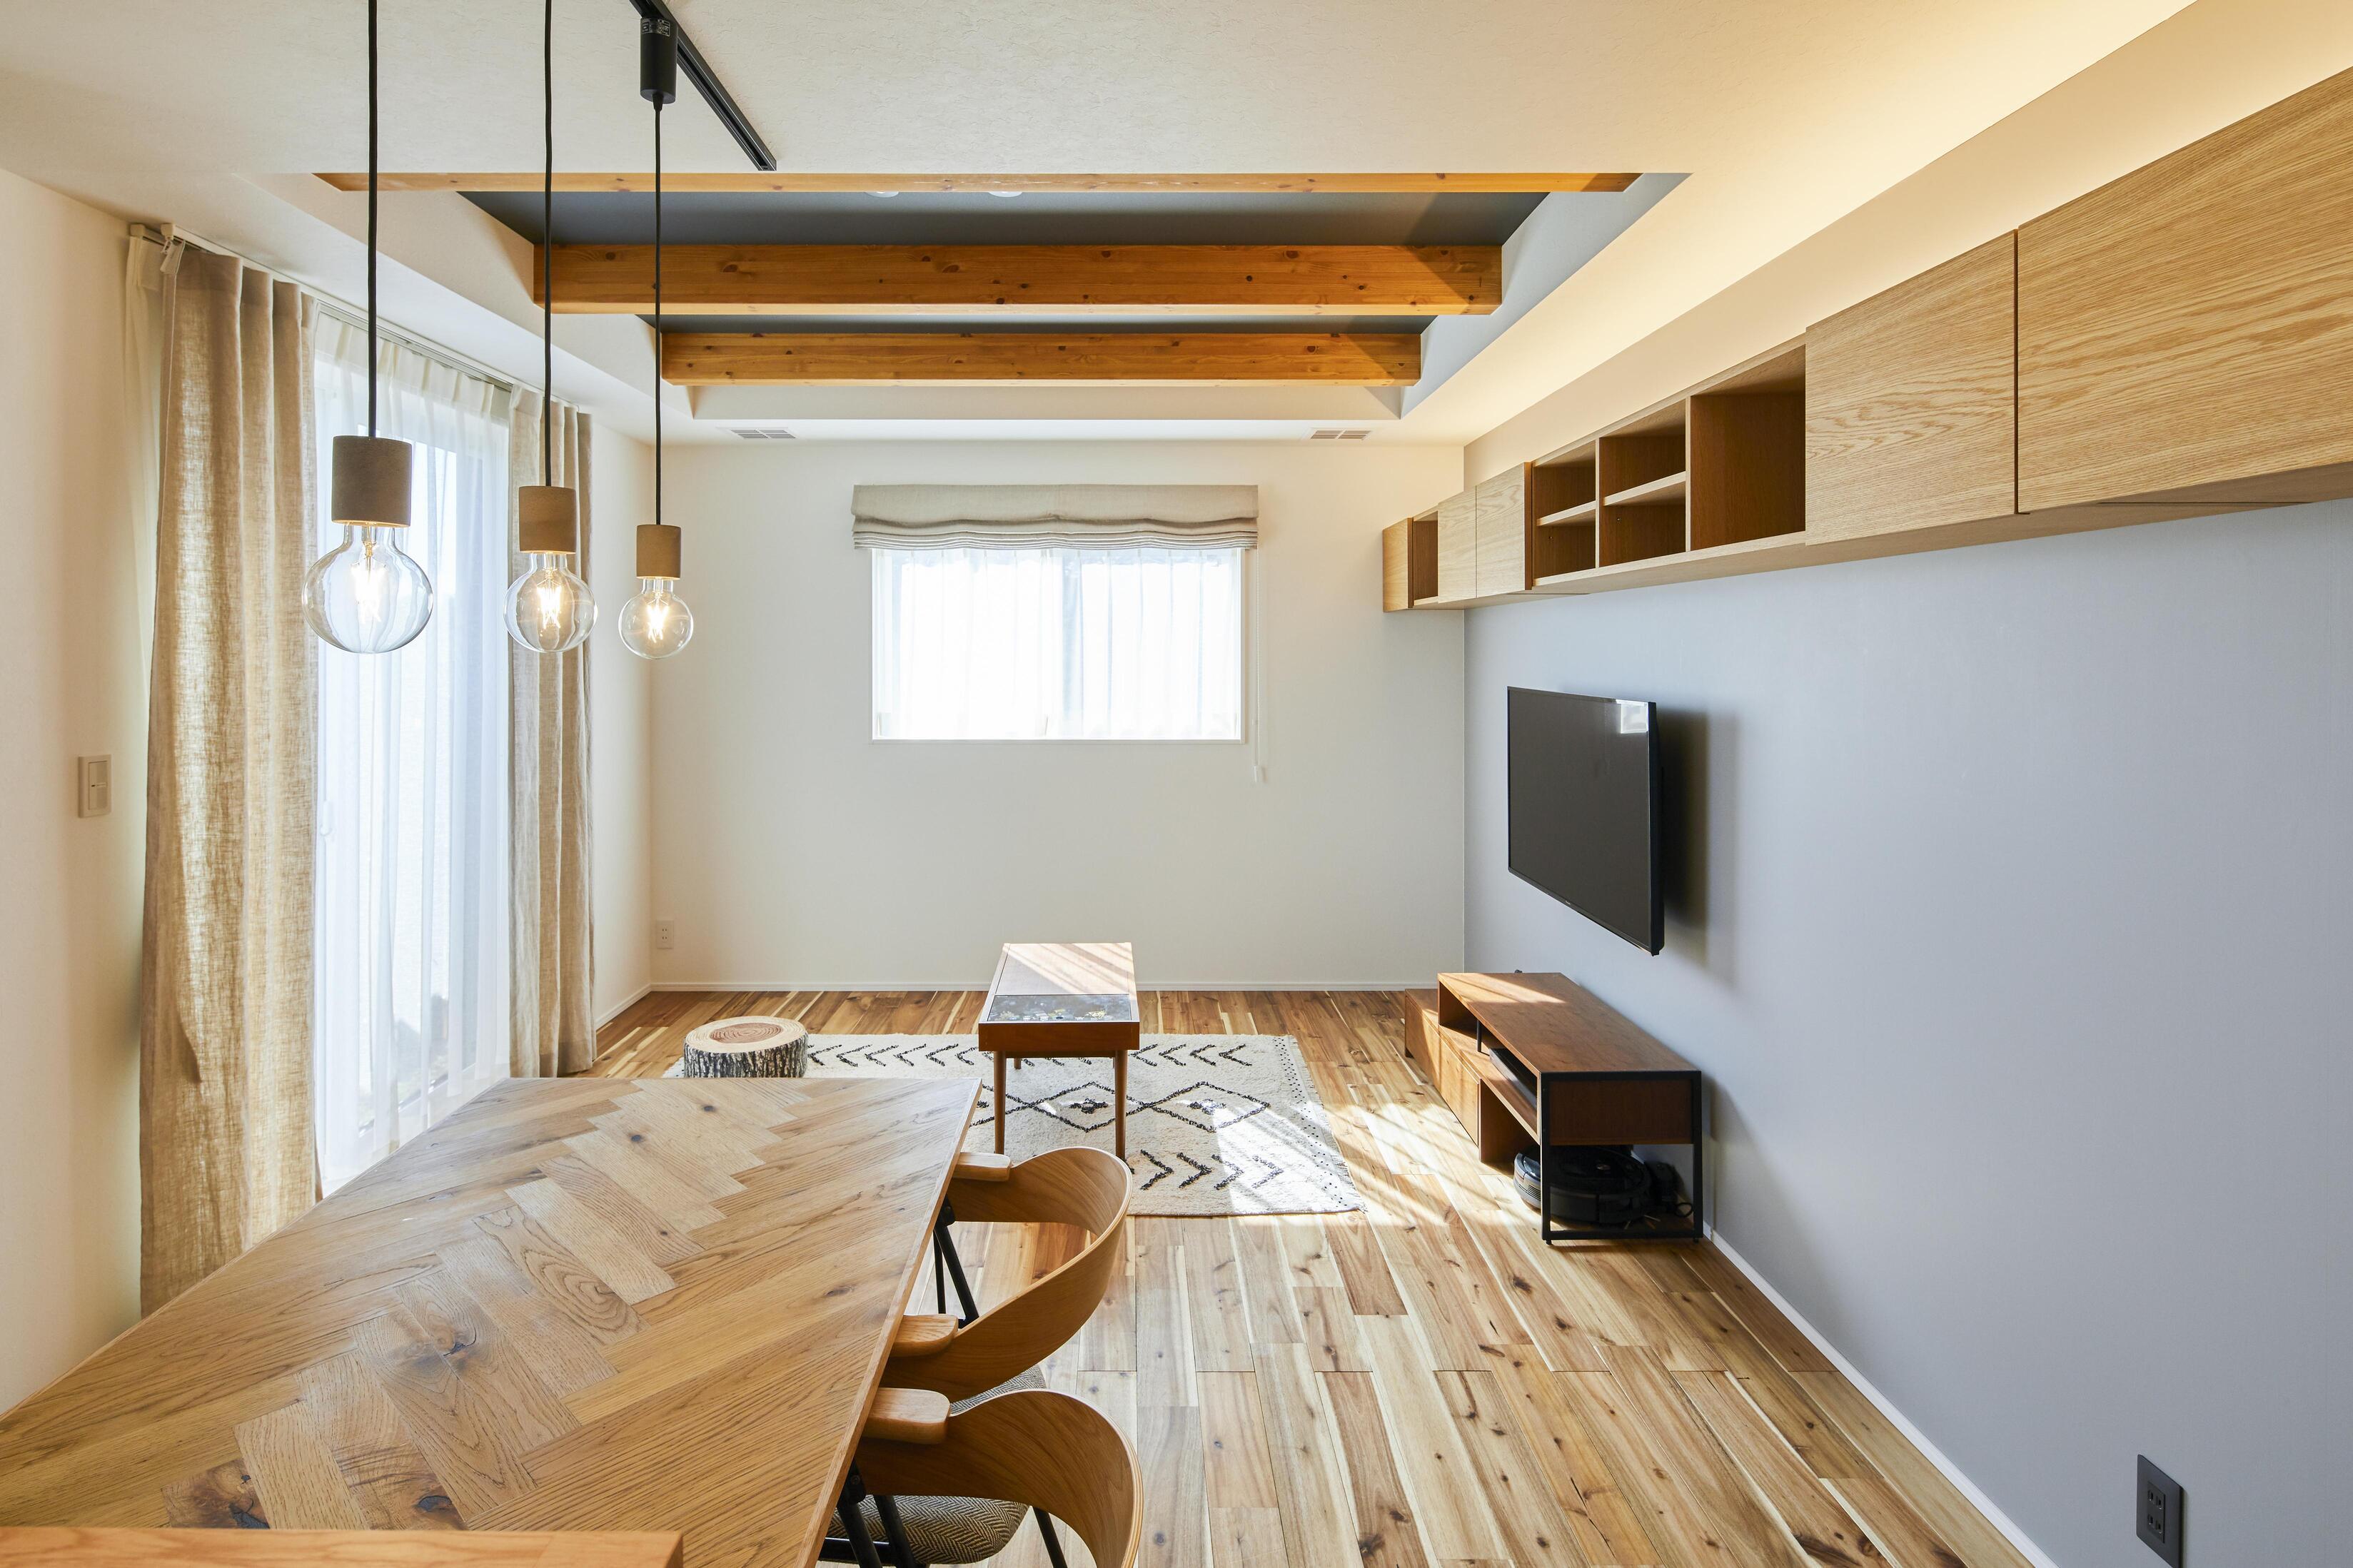 空間を広く感じられるよう、折り上げ天井を採用し、天井高を確保している